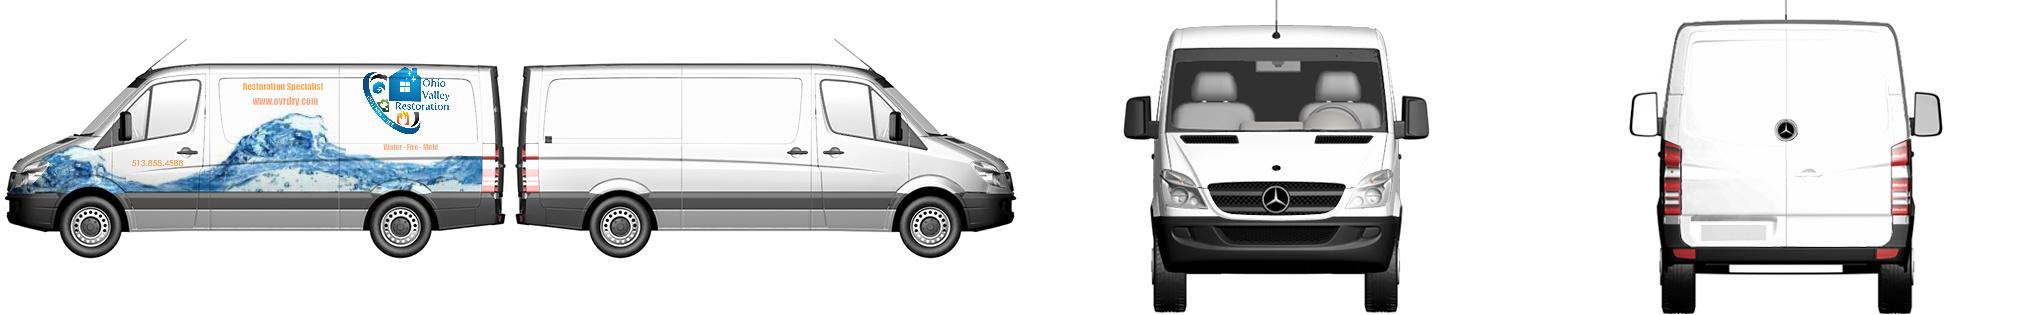 Van Wrap #53144